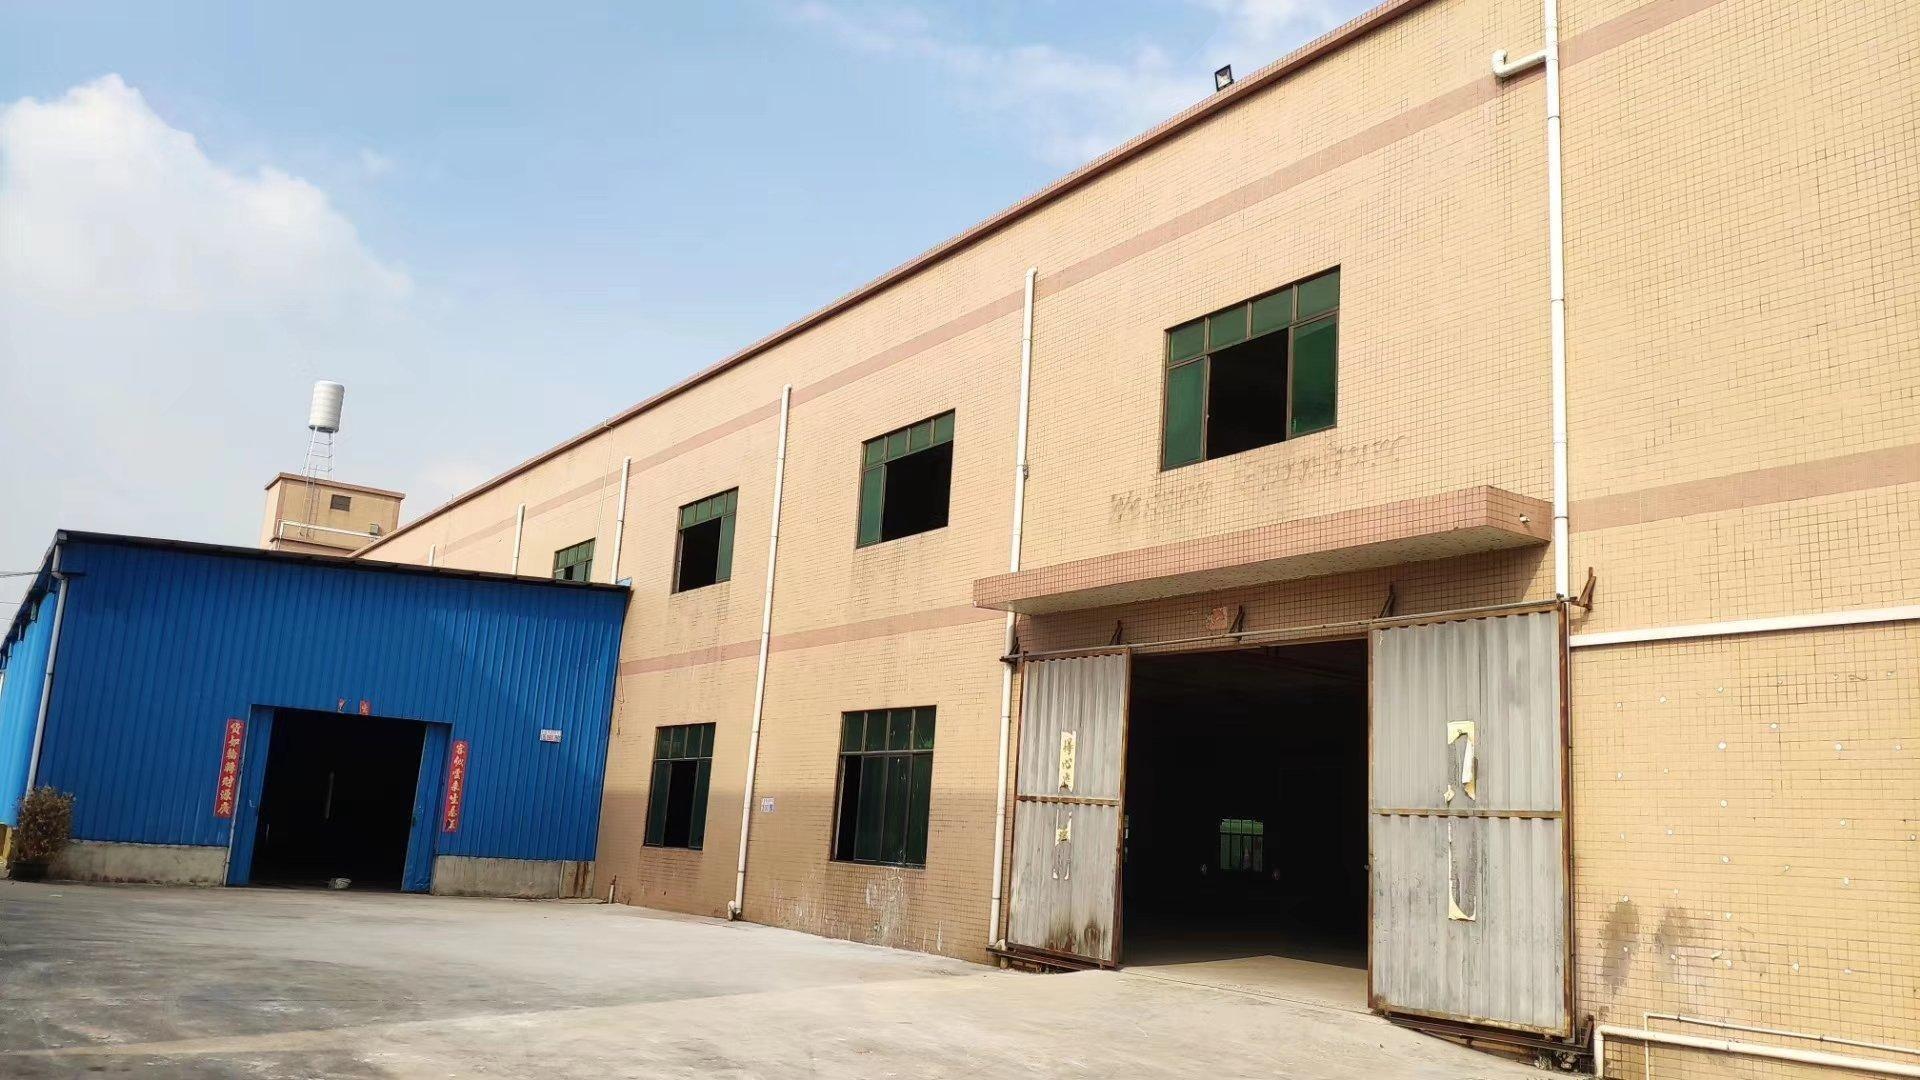 惠州市石湾镇原主任单一层厂房780平可做污染房东有实力